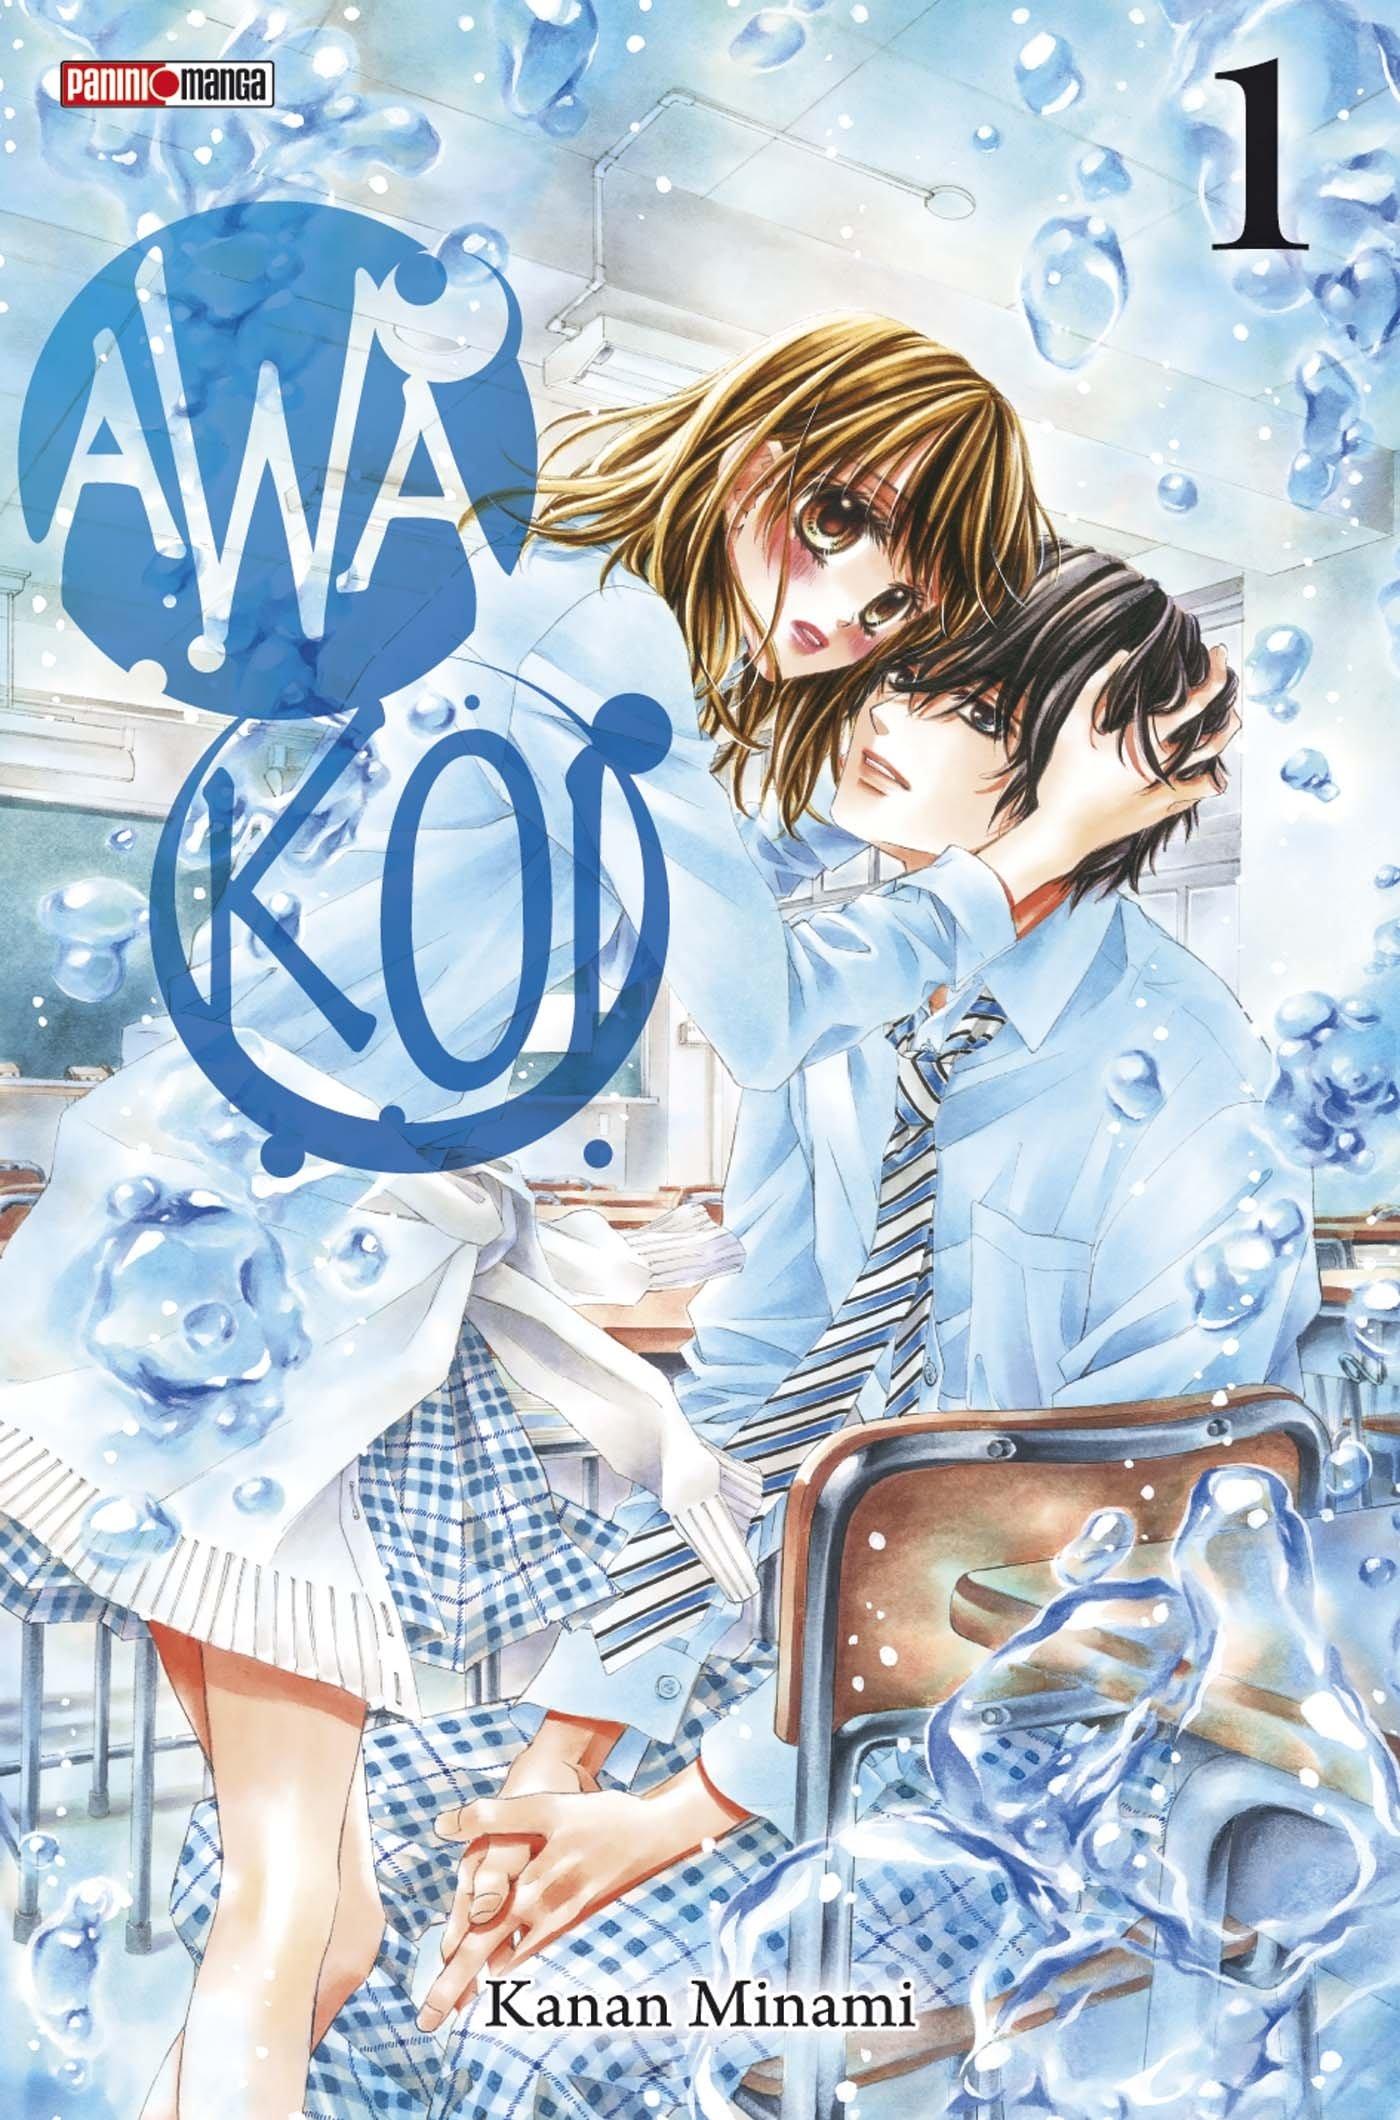 Awa Koi 1